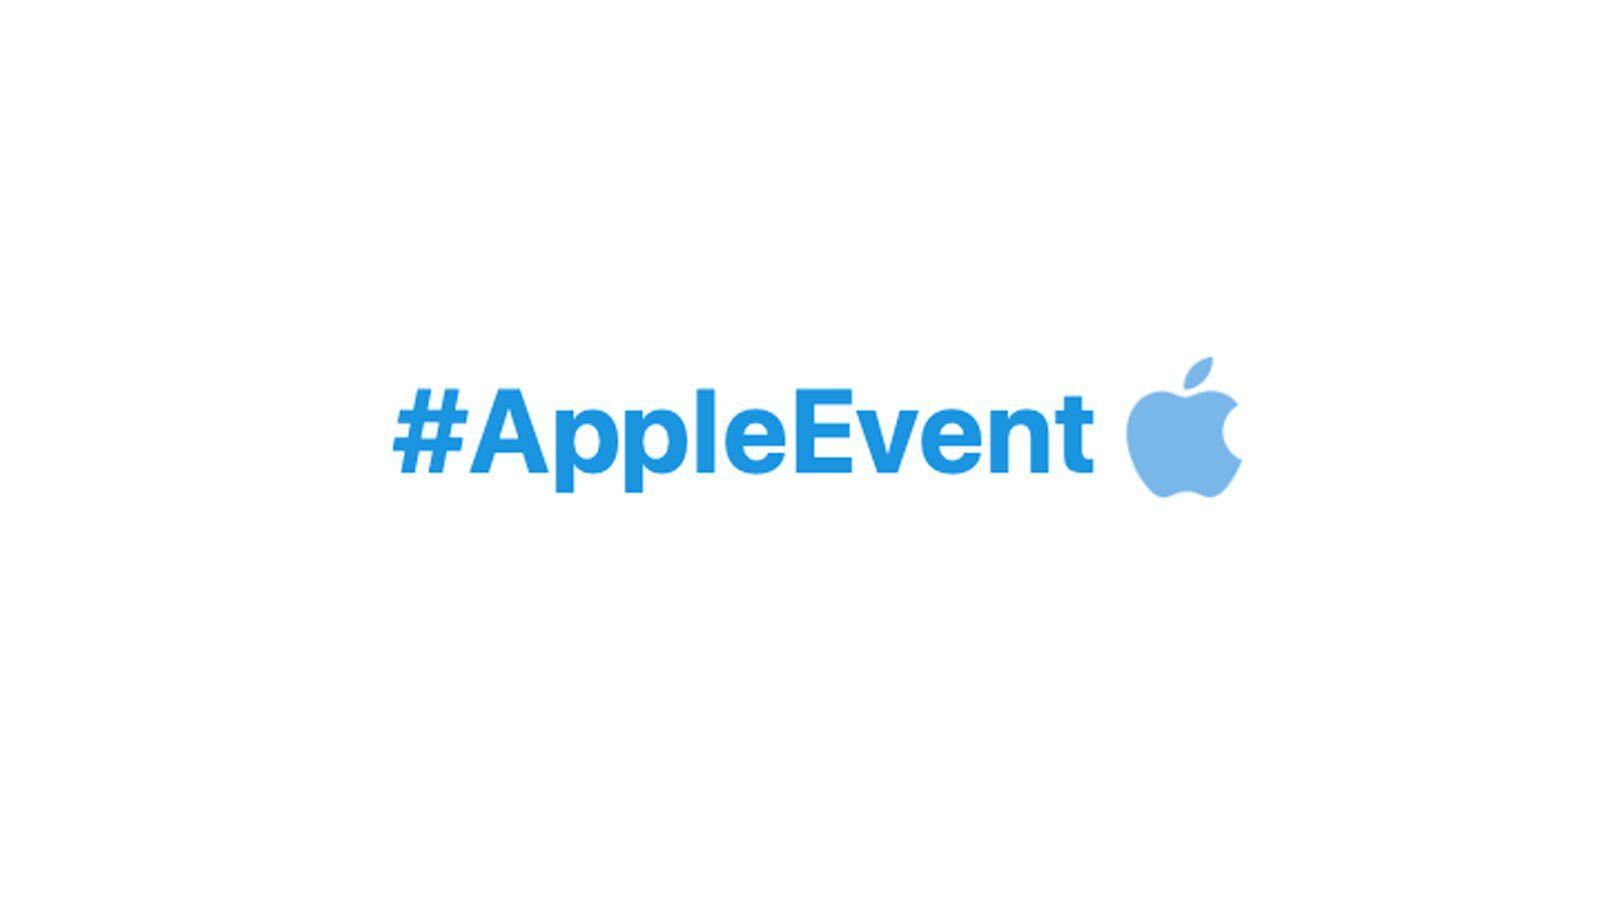 Su Twitter spunta la possibile data di presentazione di iPhone 12